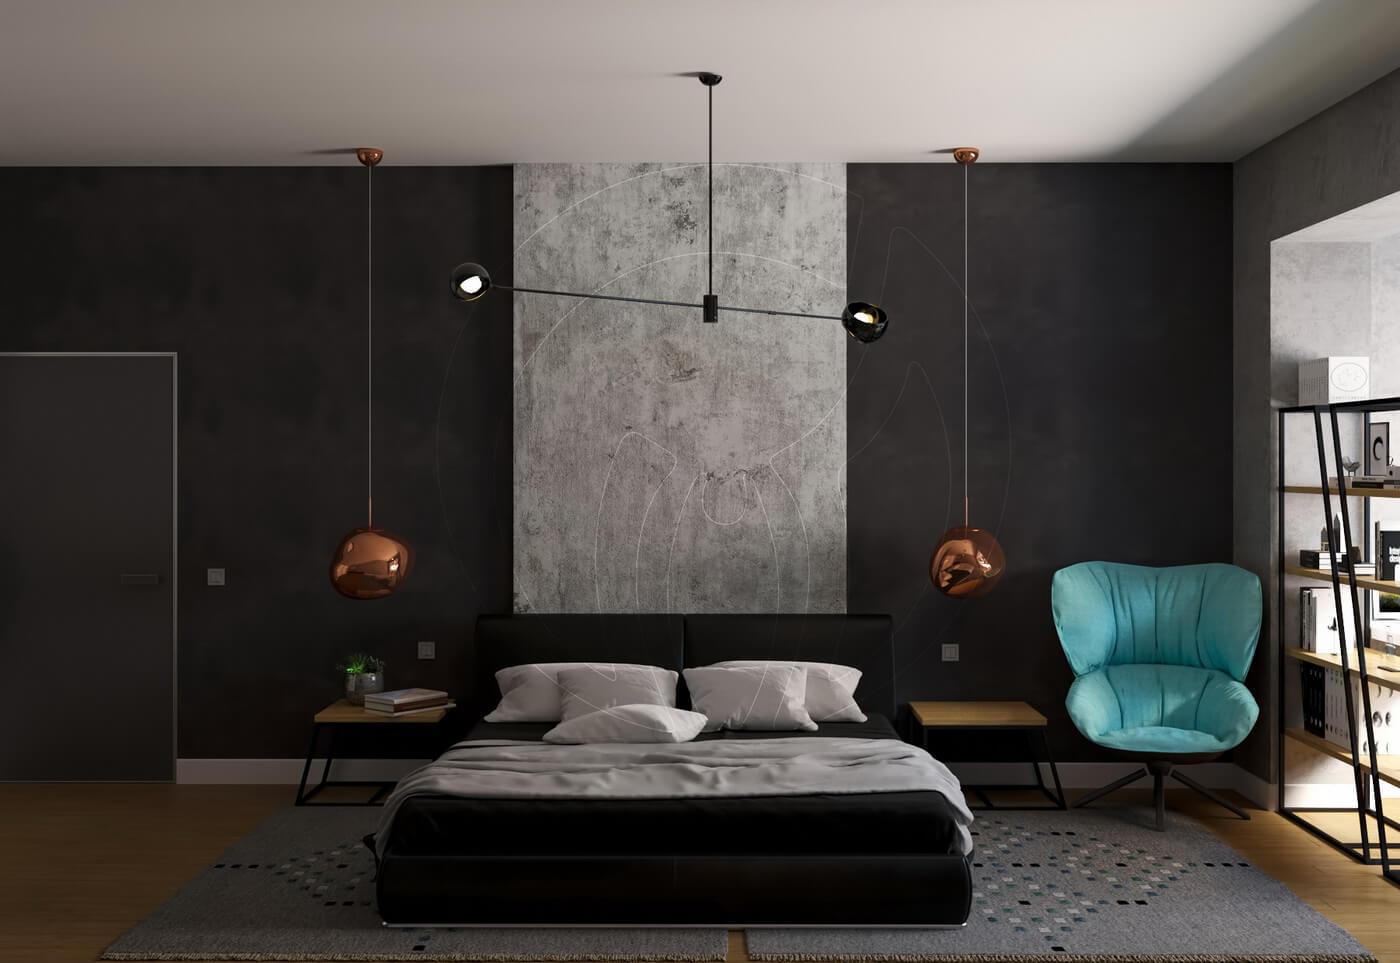 Квартира в скандинавском стиле и стиле LOFT. Спальня в стиле loft с черной кроватью